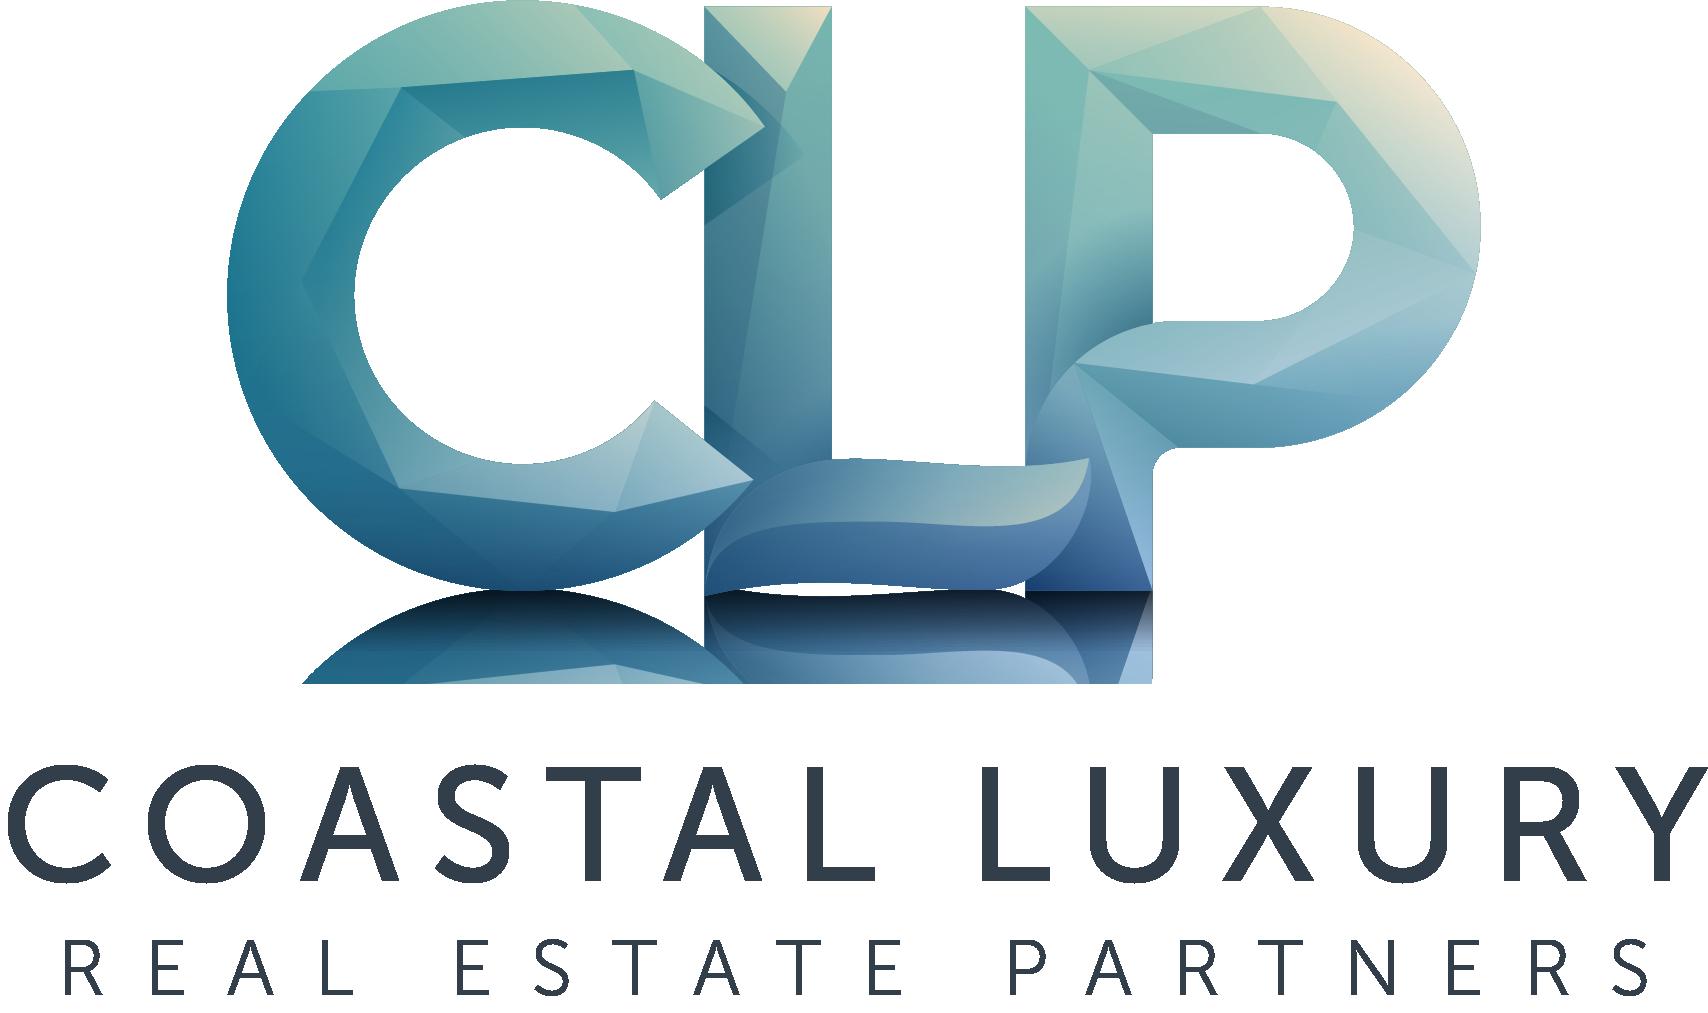 Coastal Luxury Partners logo